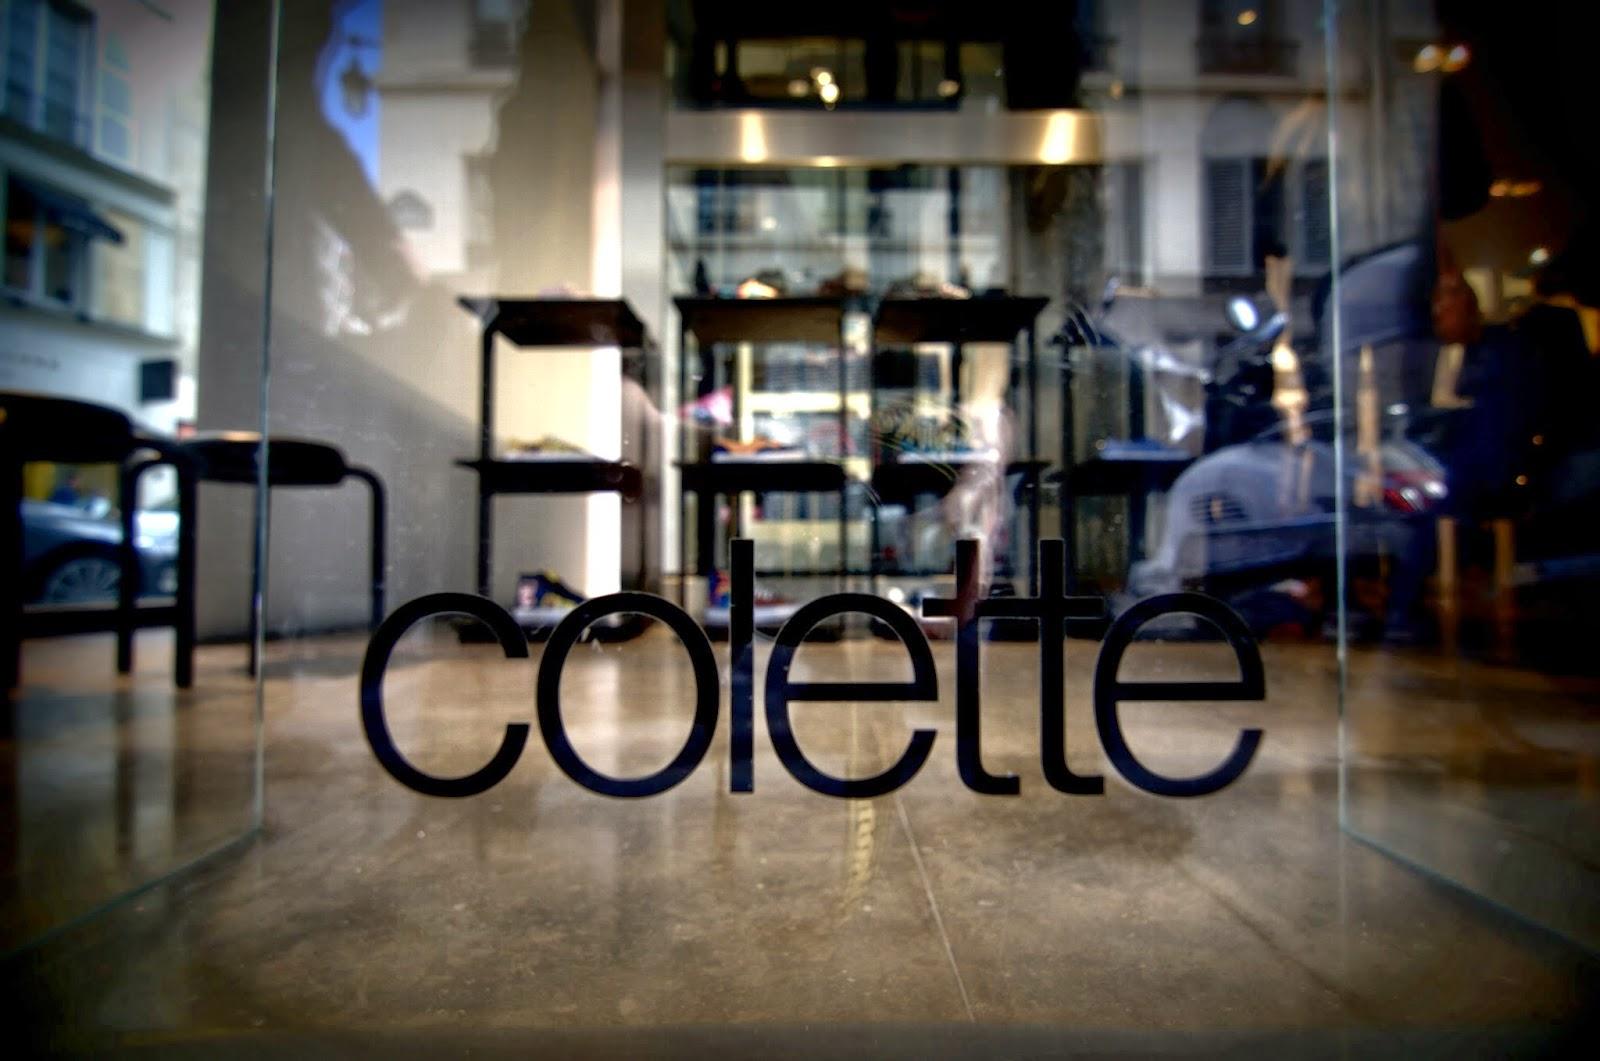 2014-03-25-Colette